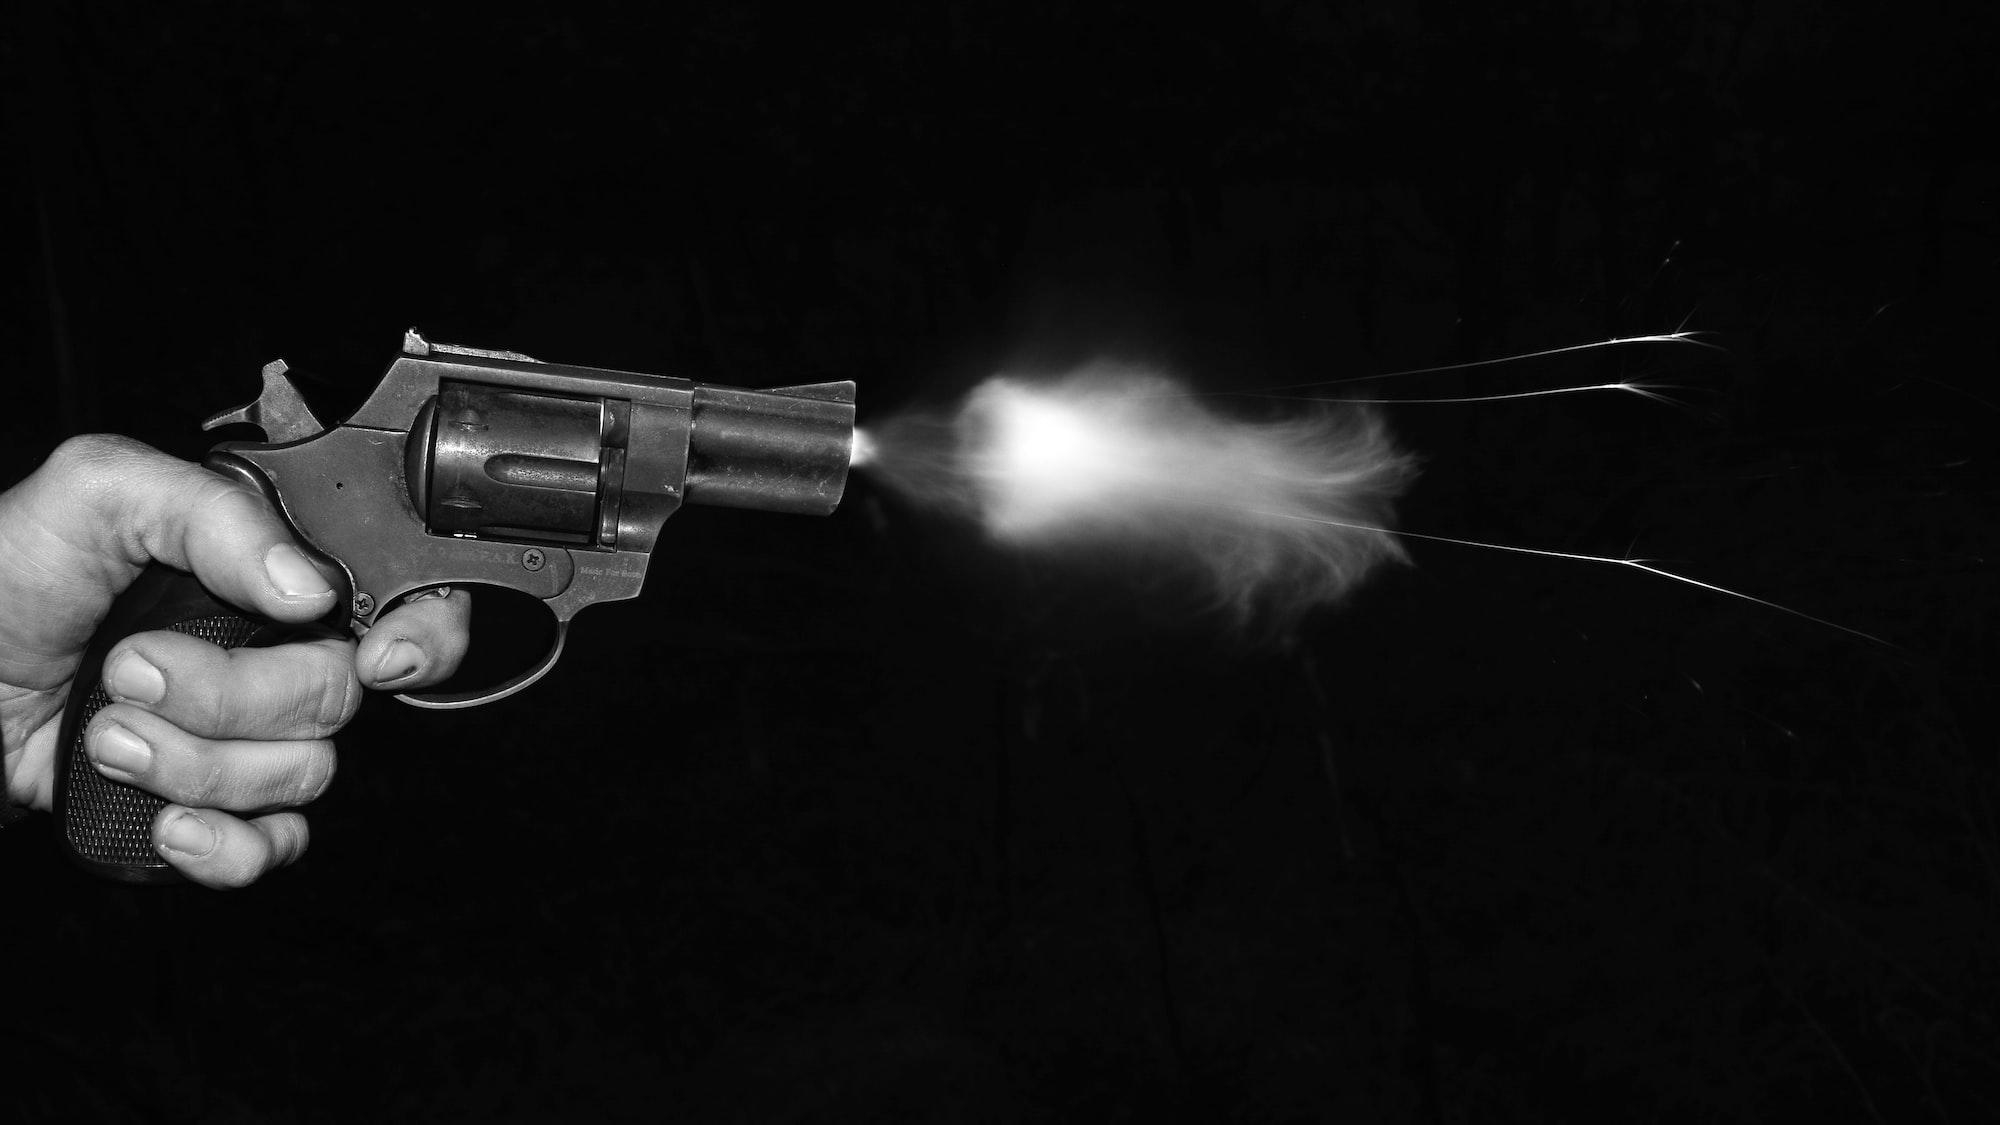 सिखों की हत्या पर जांच एजेंसियों के निष्कर्ष से संतुष्ट नहीं सिख संगठन